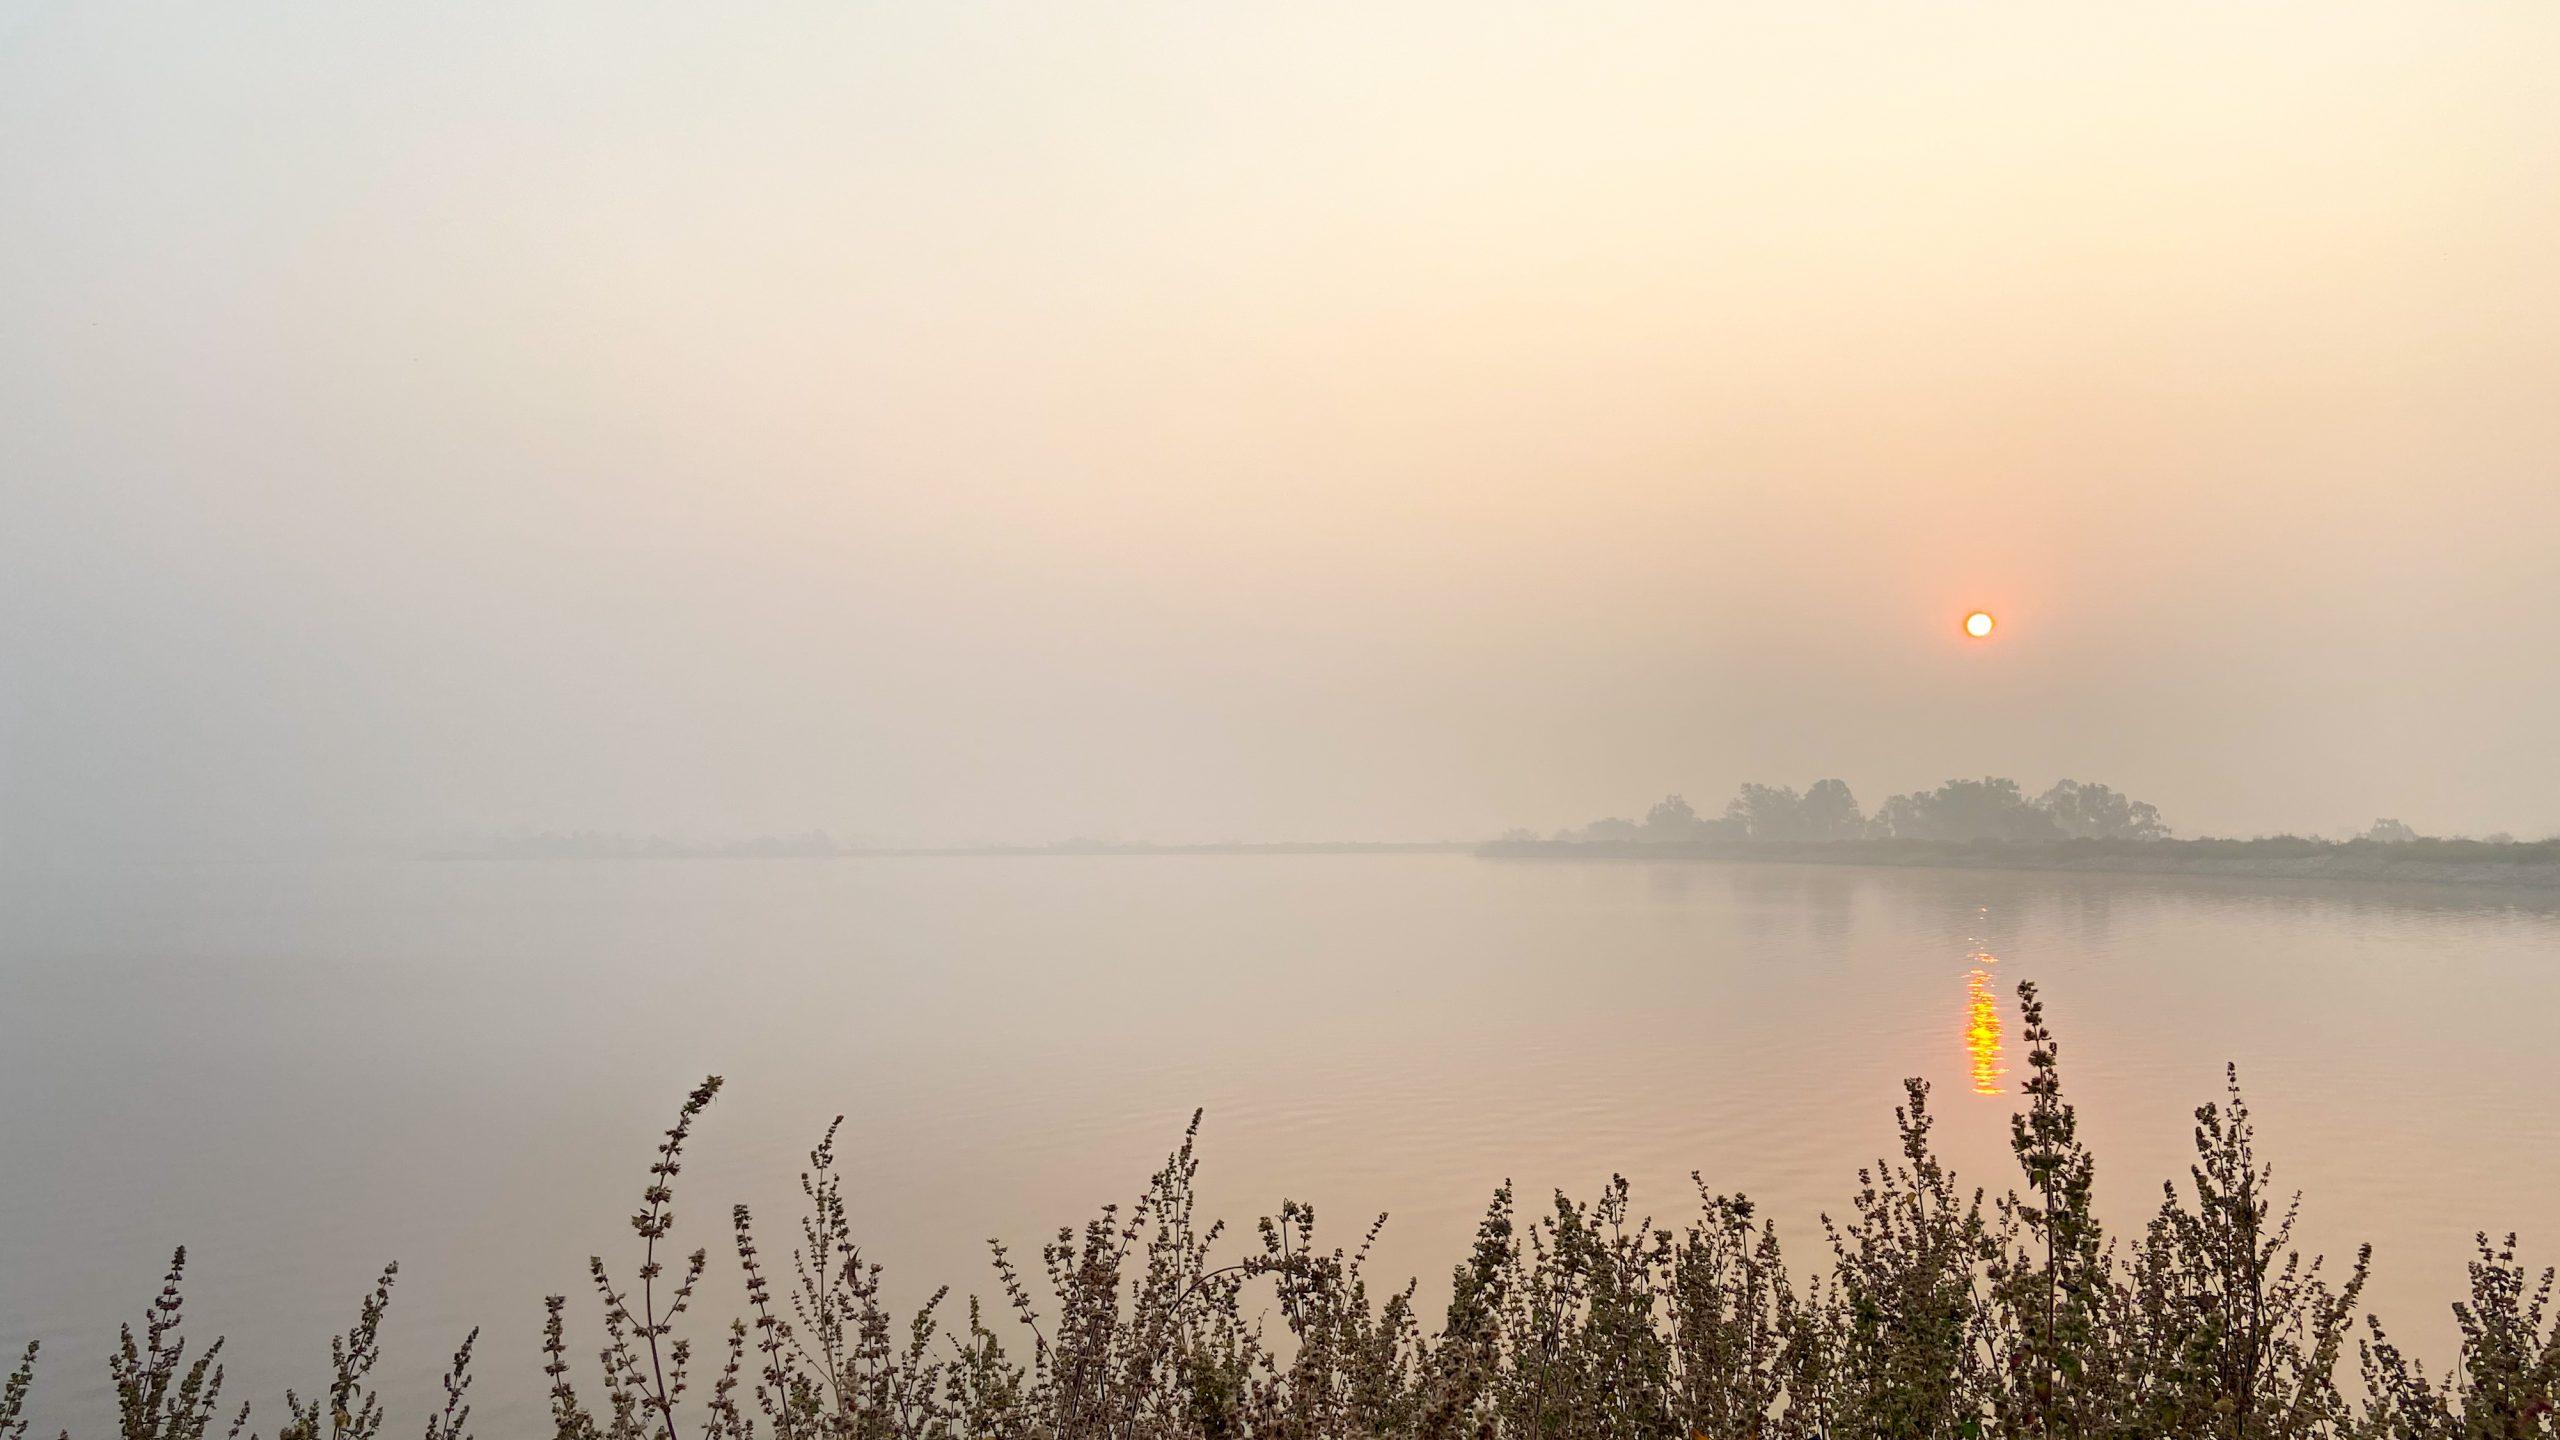 Morning lake view